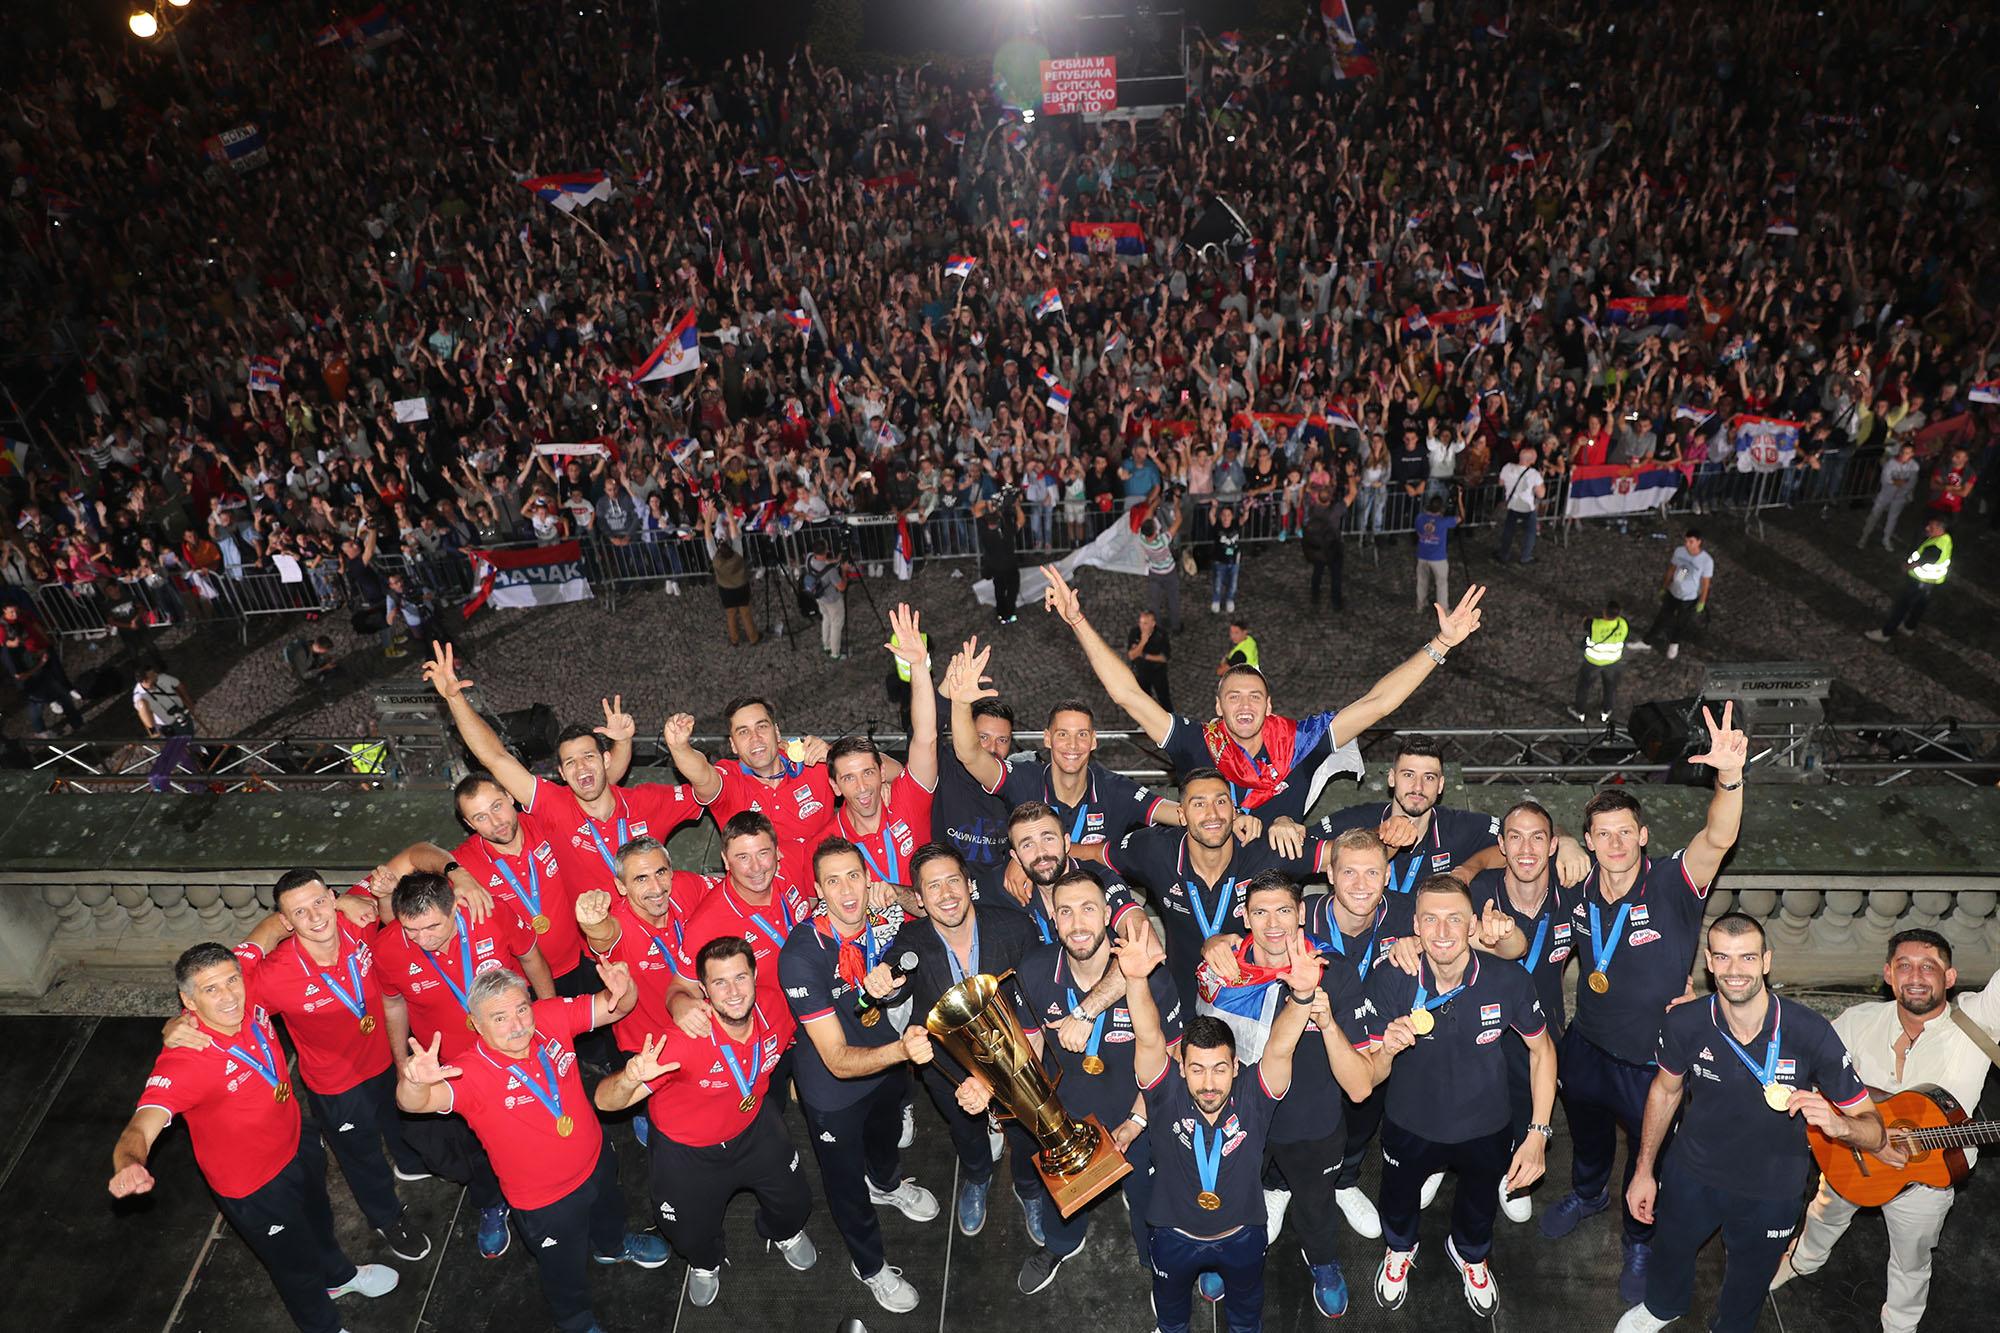 Hiljade navijača dočekalo prvake Evrope kod šampionskog balkona